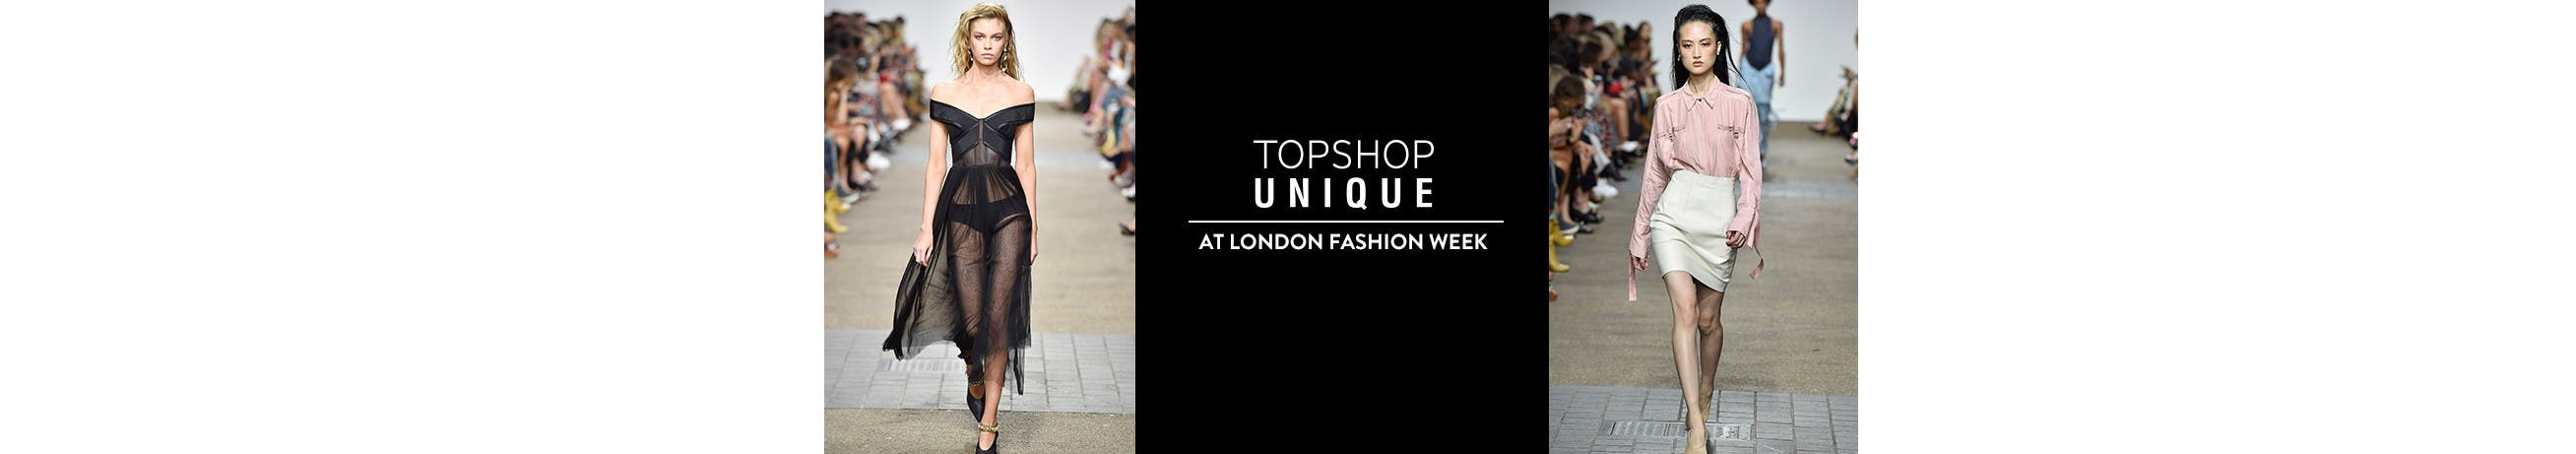 Topshop Unique at London Fashion Week.